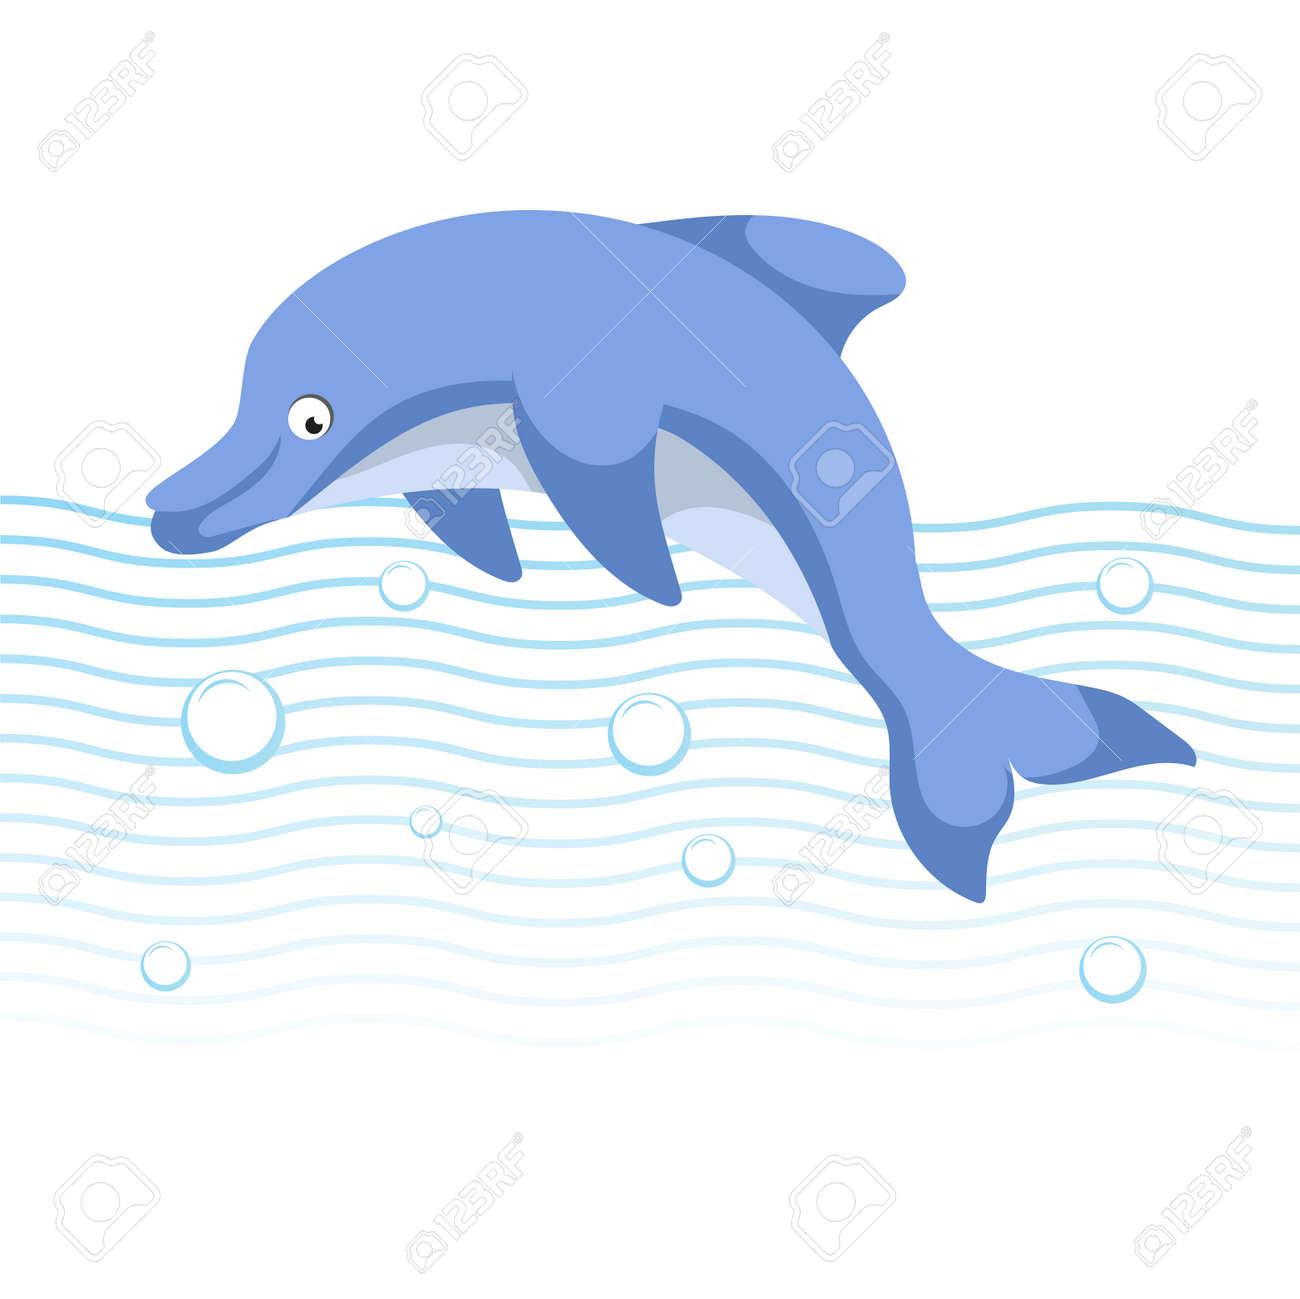 簡単 海 イルカ イラスト